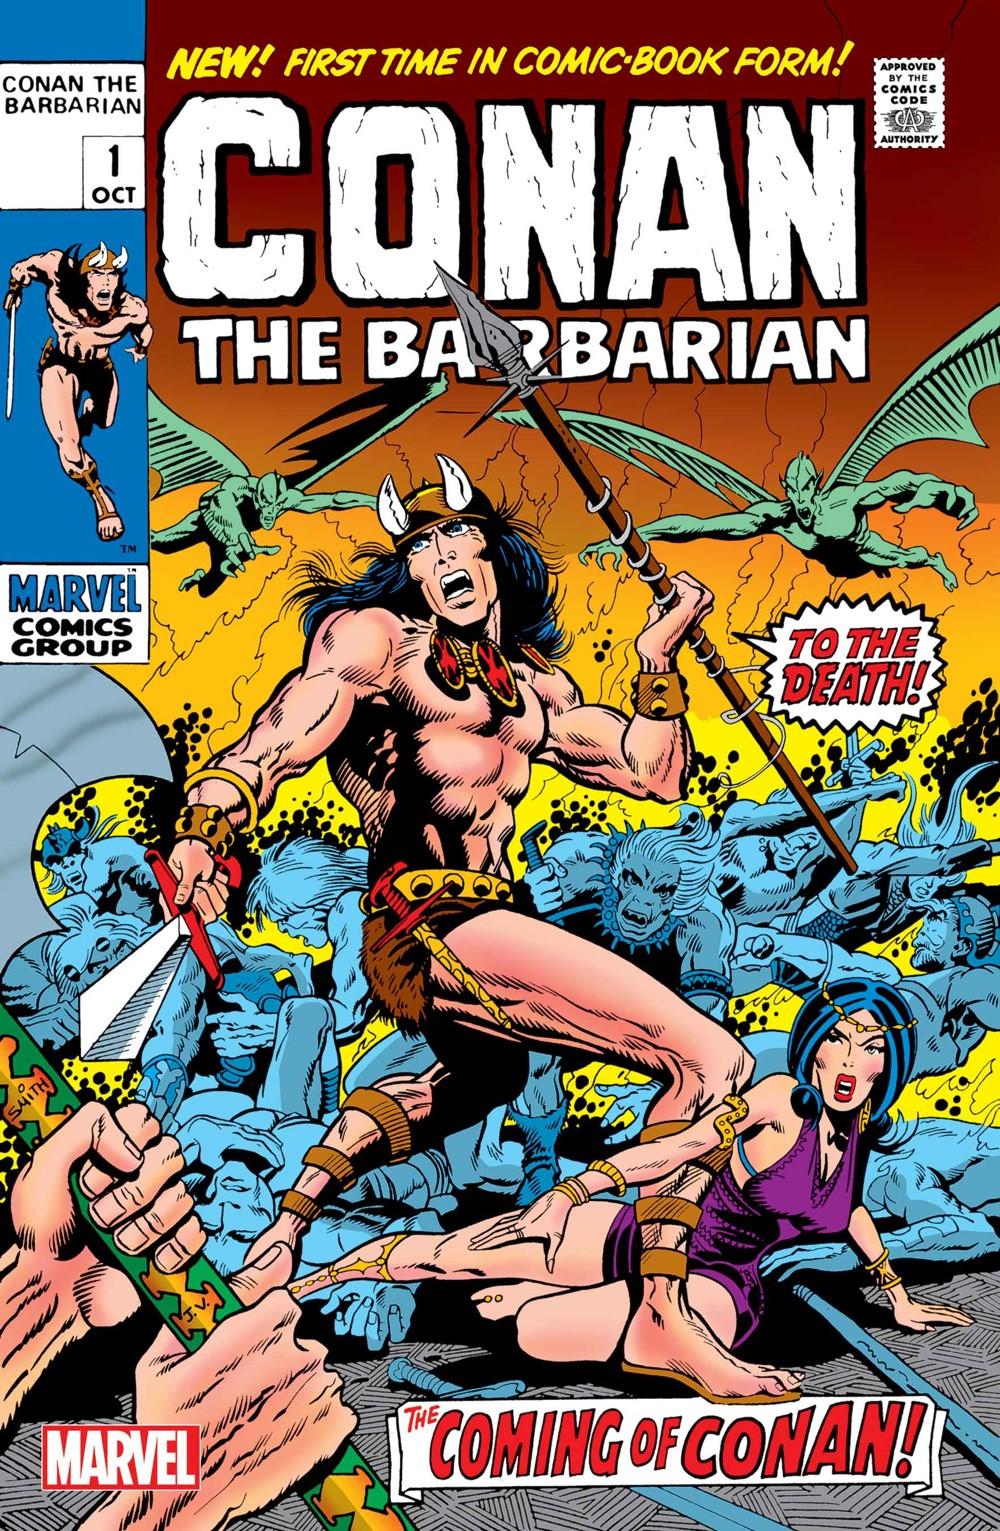 CONANBARB1970001_FACSIMILE Marvel Comics December 2021 Solicitations